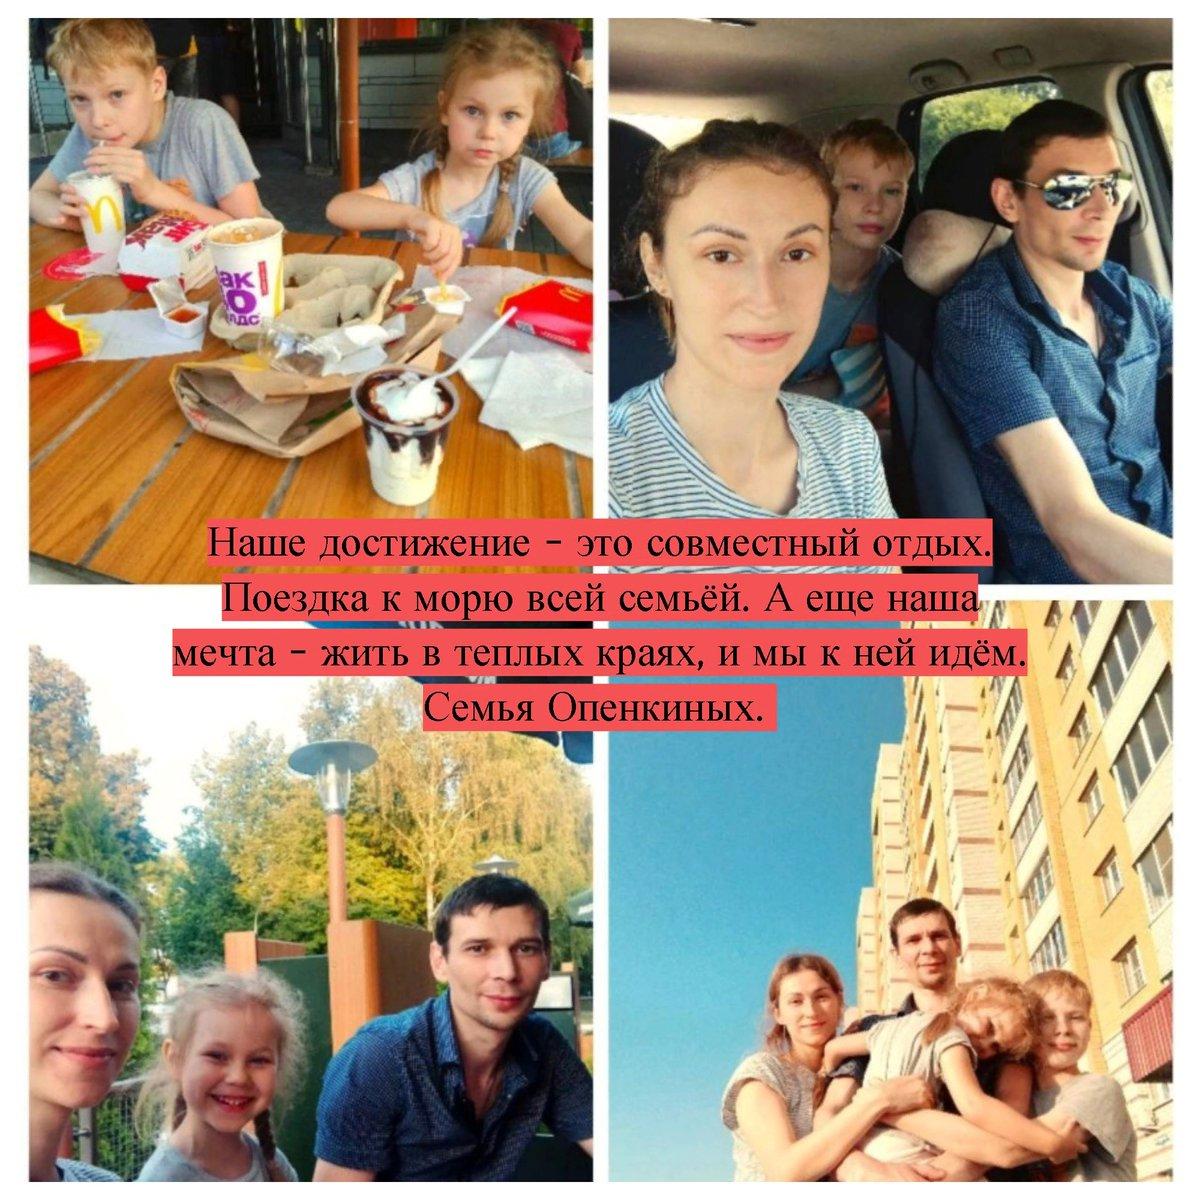 Алексей навальный — скажите, откуда увас миллиарды?